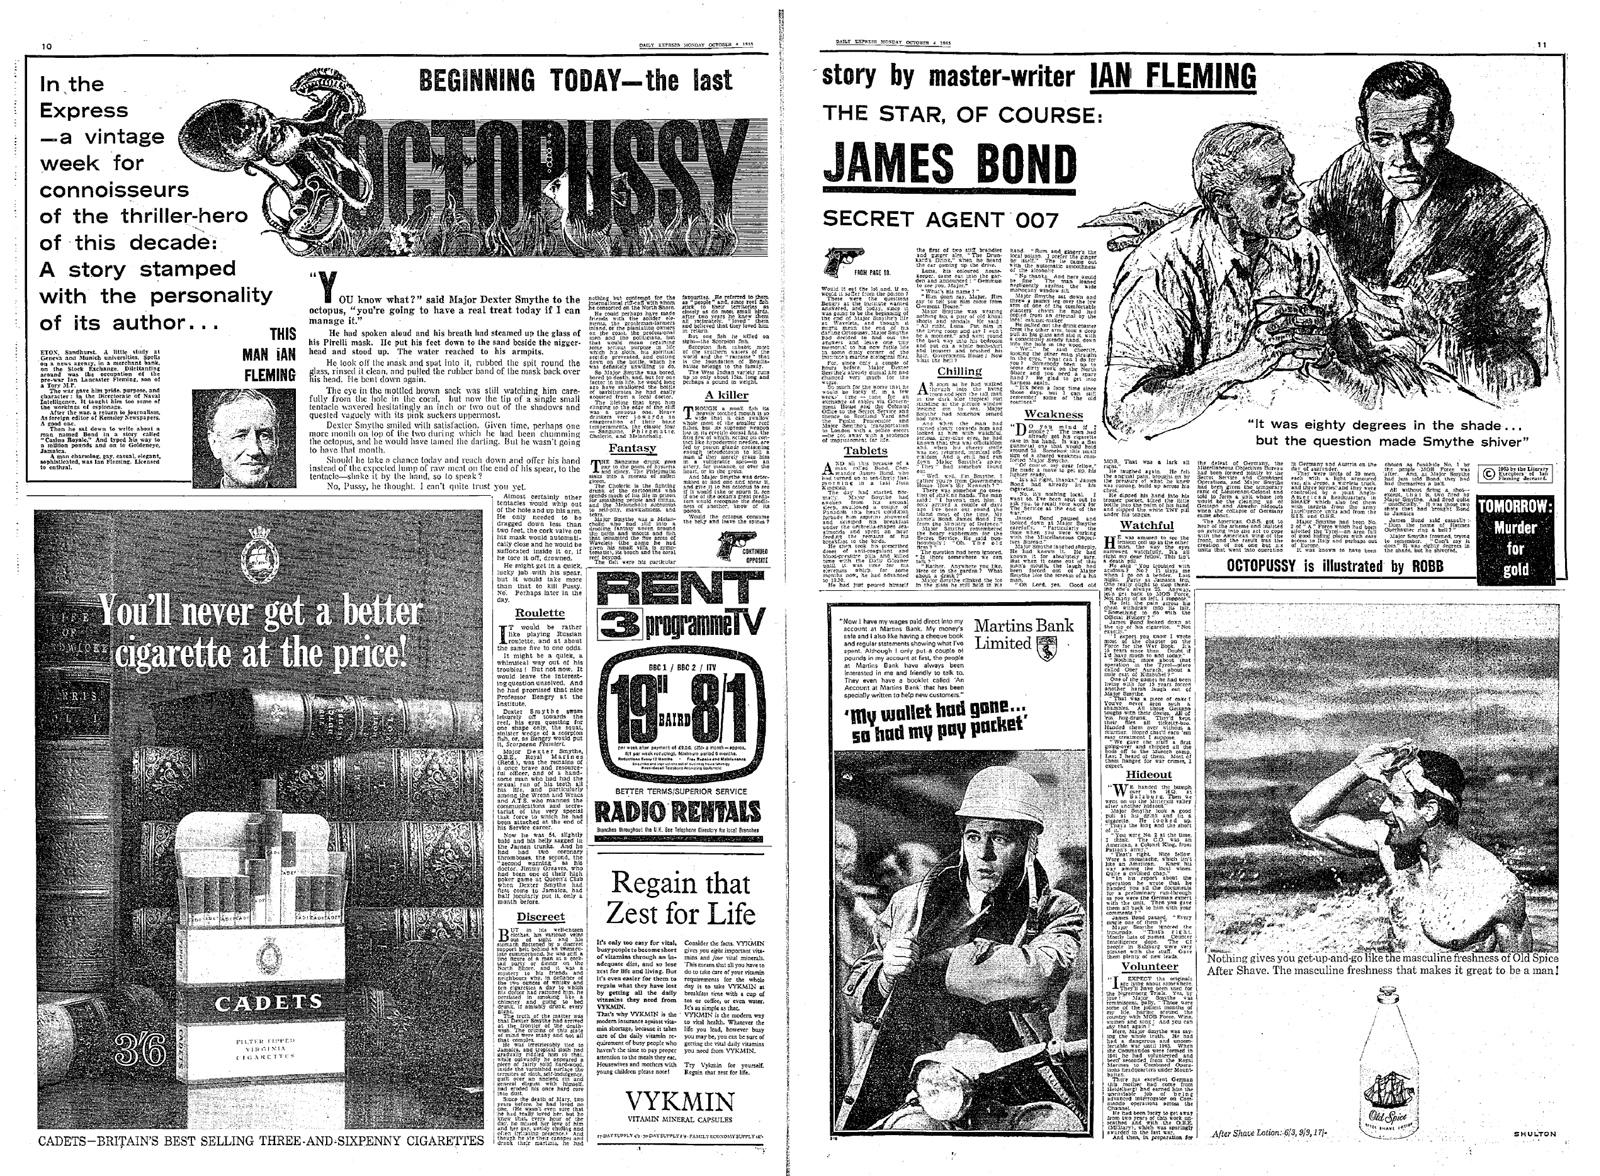 """La nouvelle """"Octopussy"""", publiée dans le Daily Express en octobre 1965 (dessins par Andrew Robb )."""